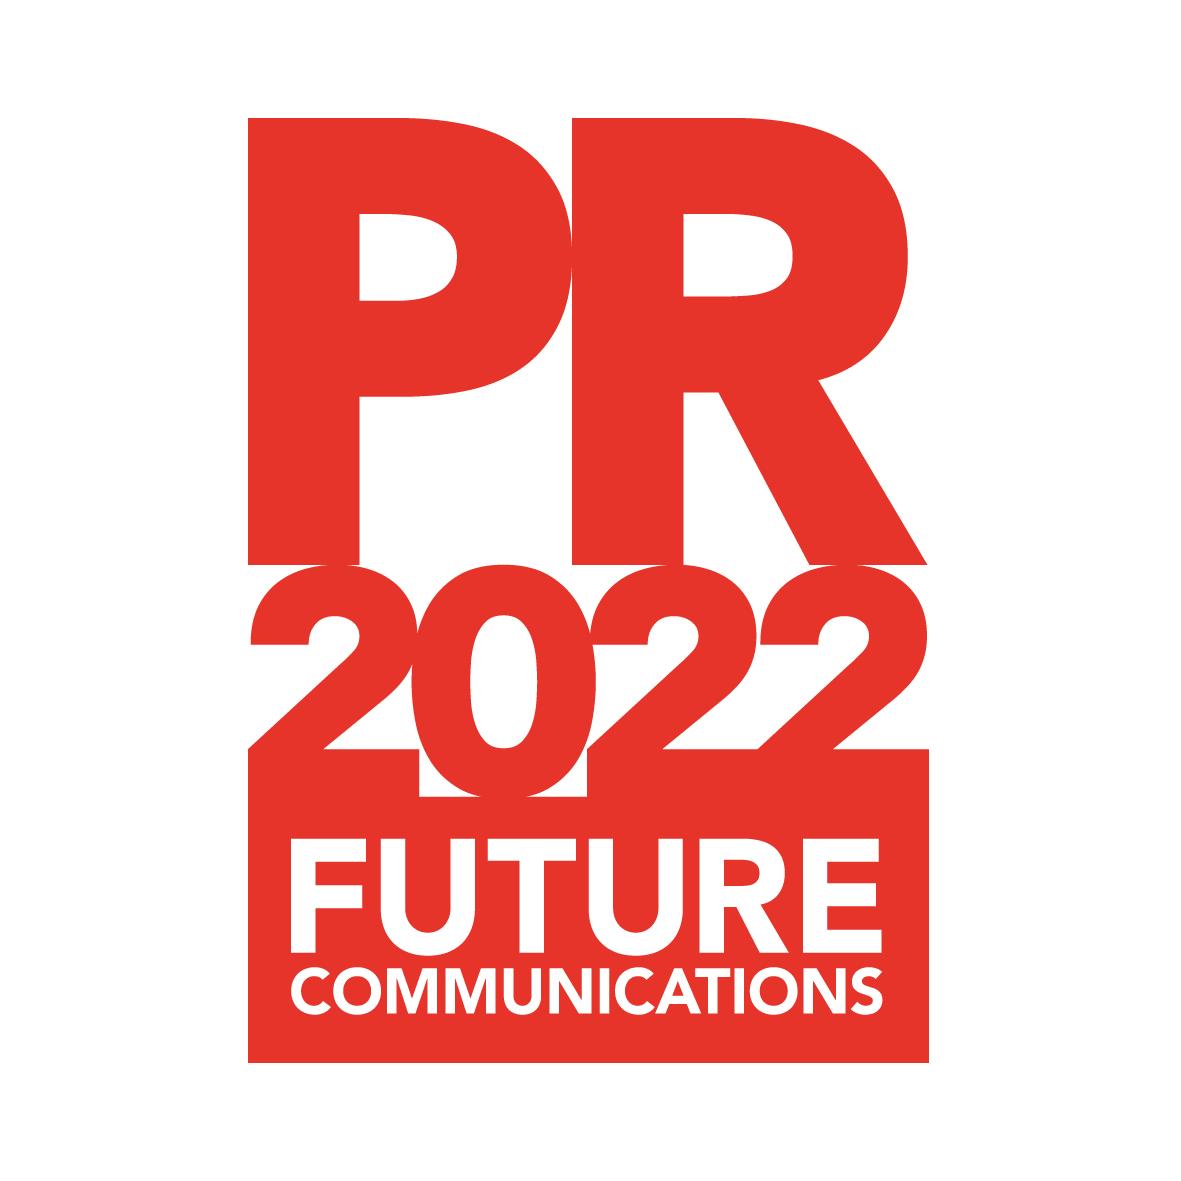 The future of PR?